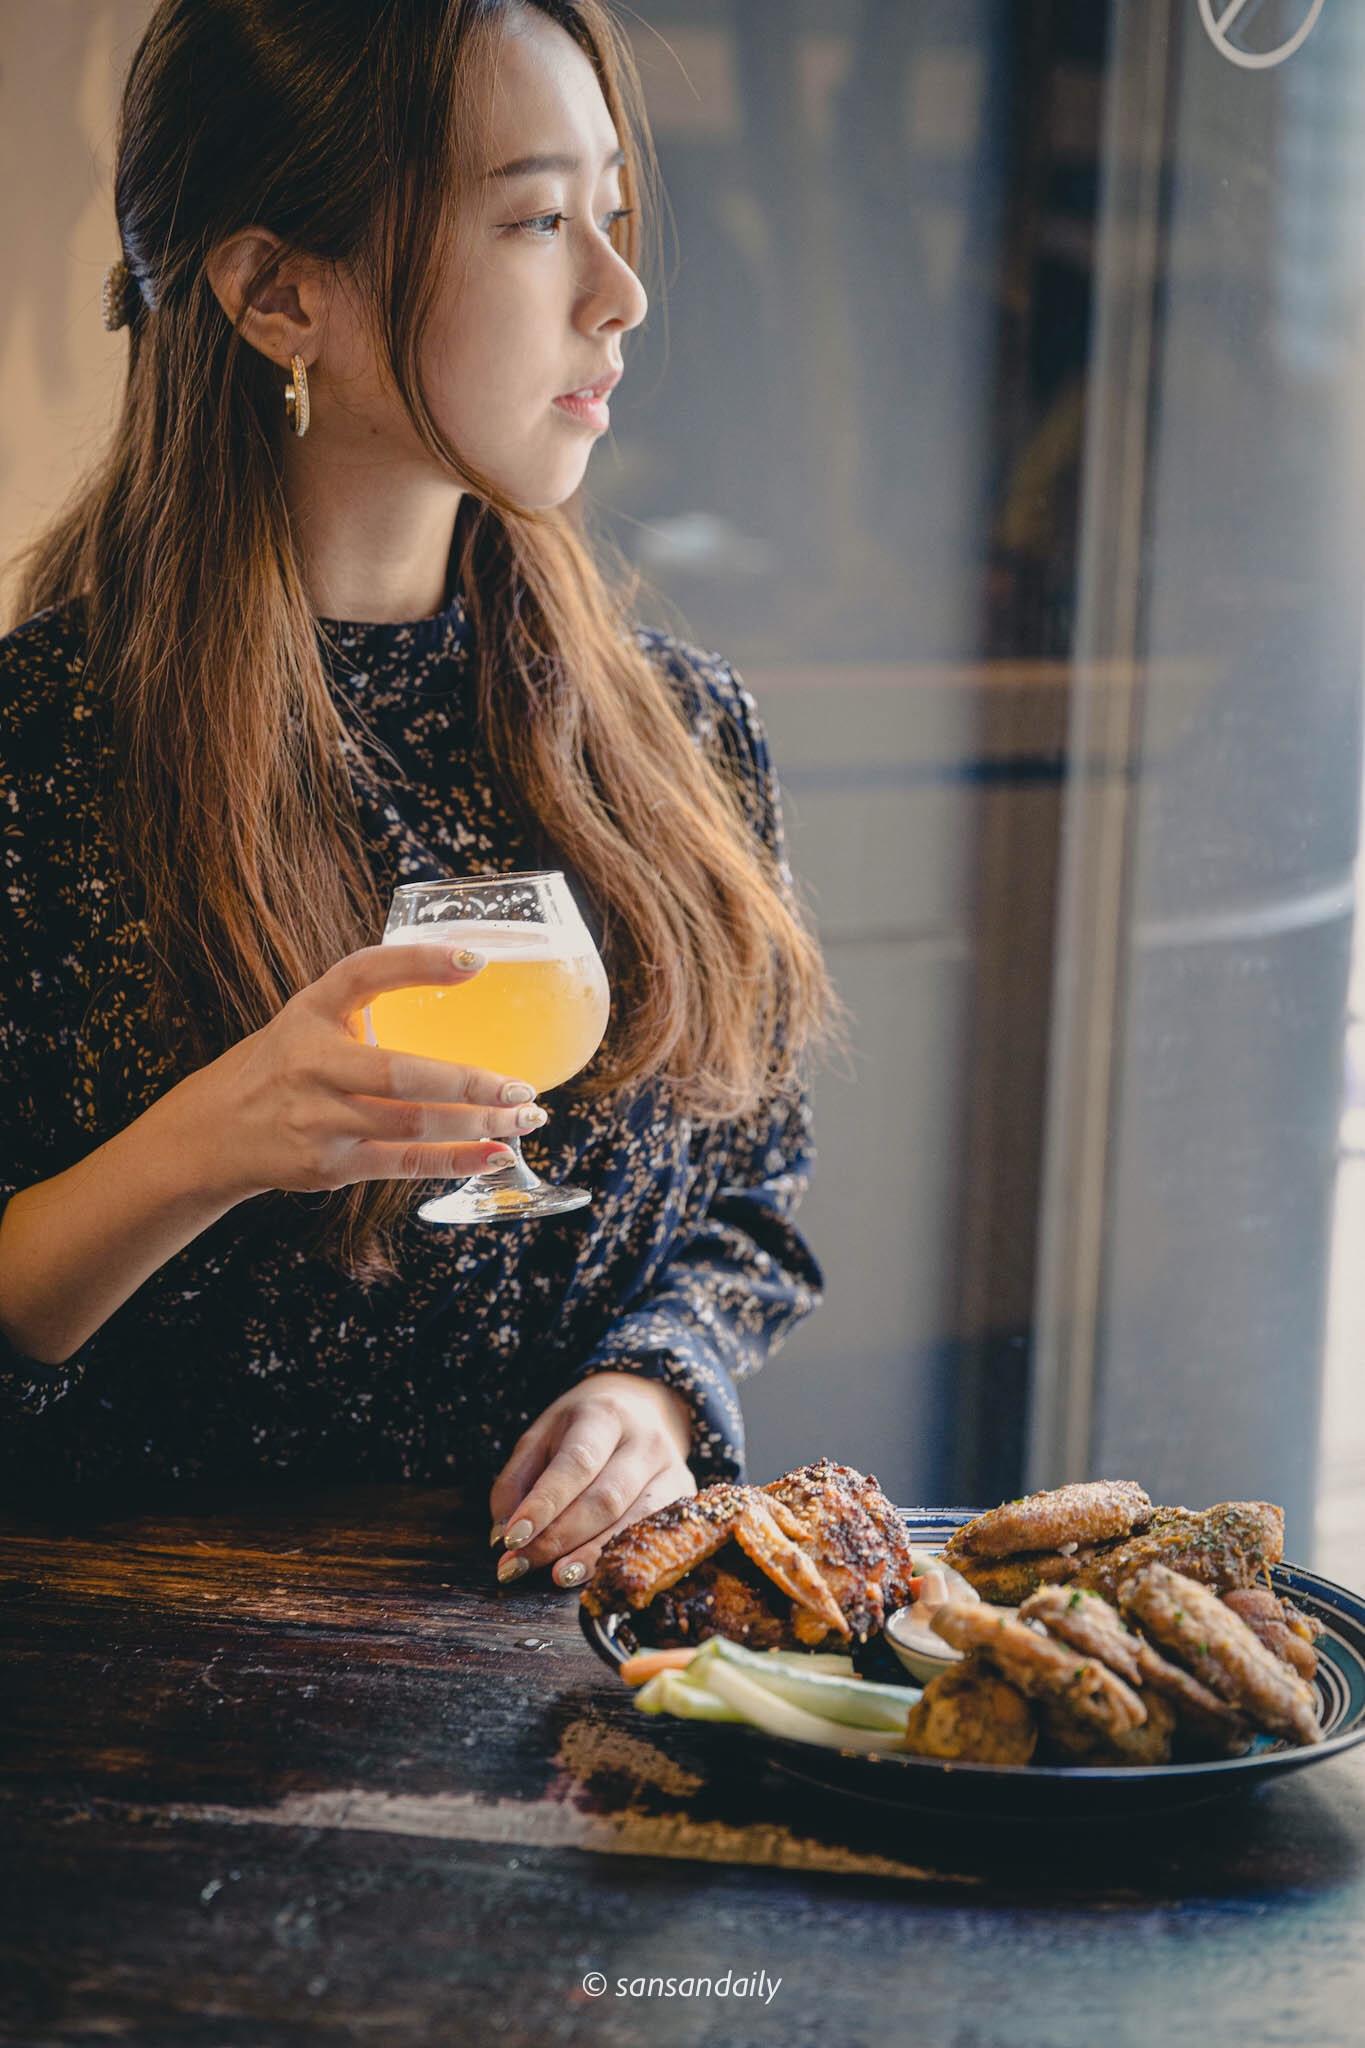 一位女子手拿高腳杯啤酒看向窗外情境圖